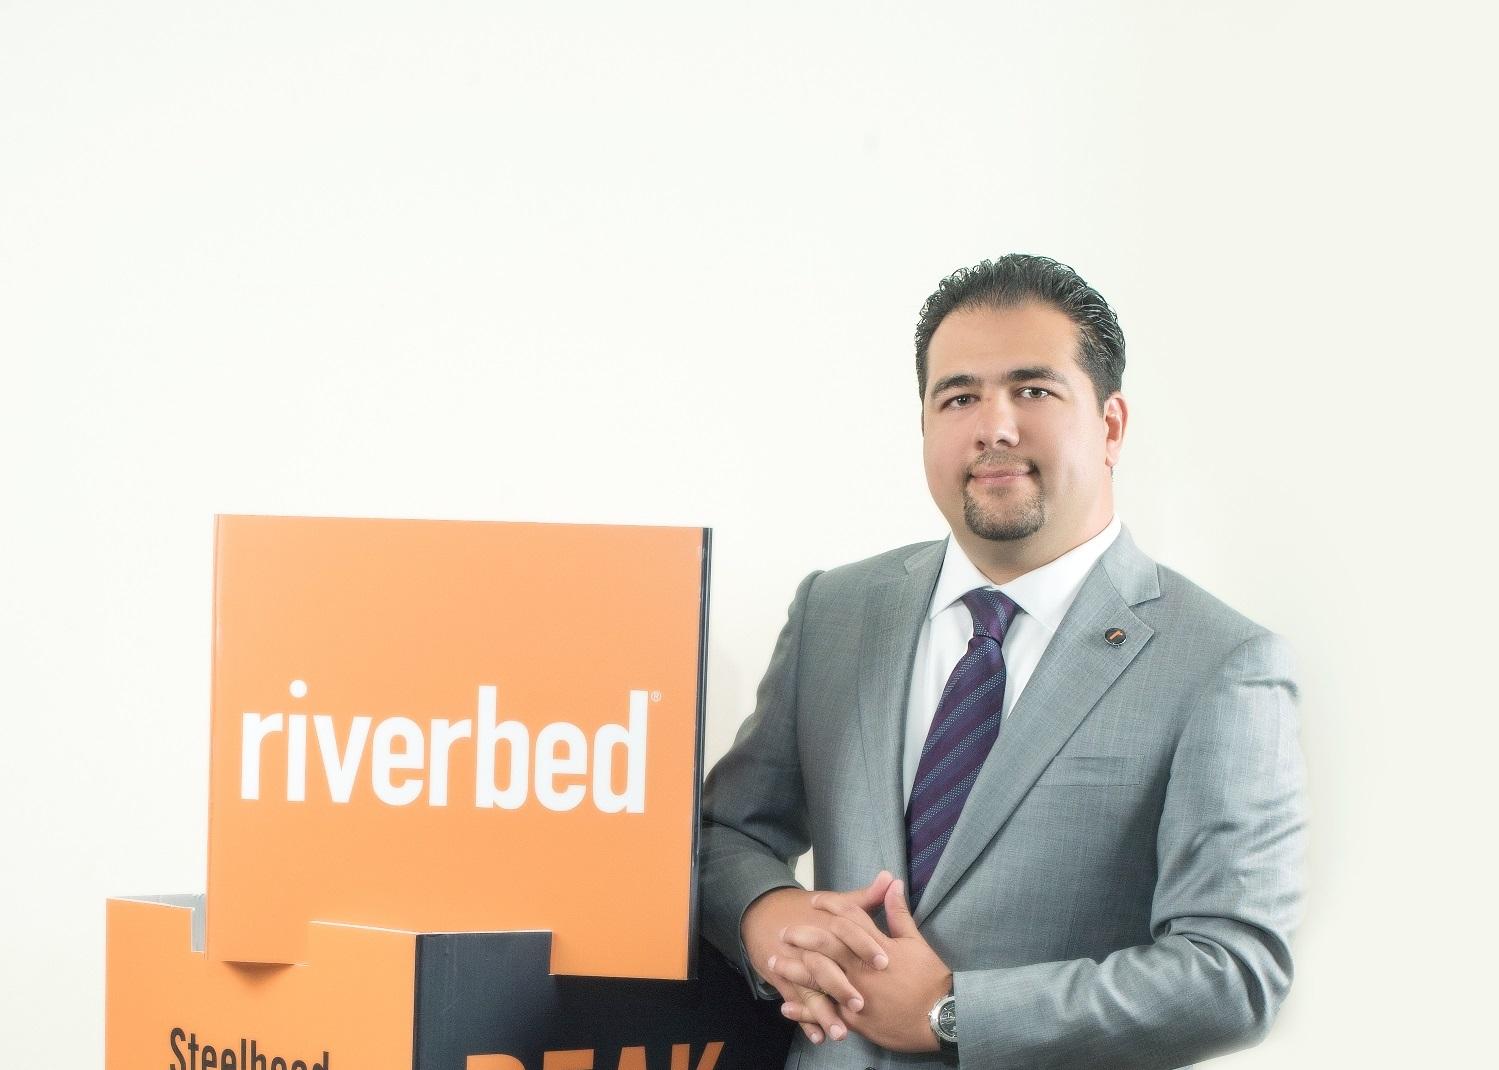 Riverbed_Taj El Khayat_Sept2013